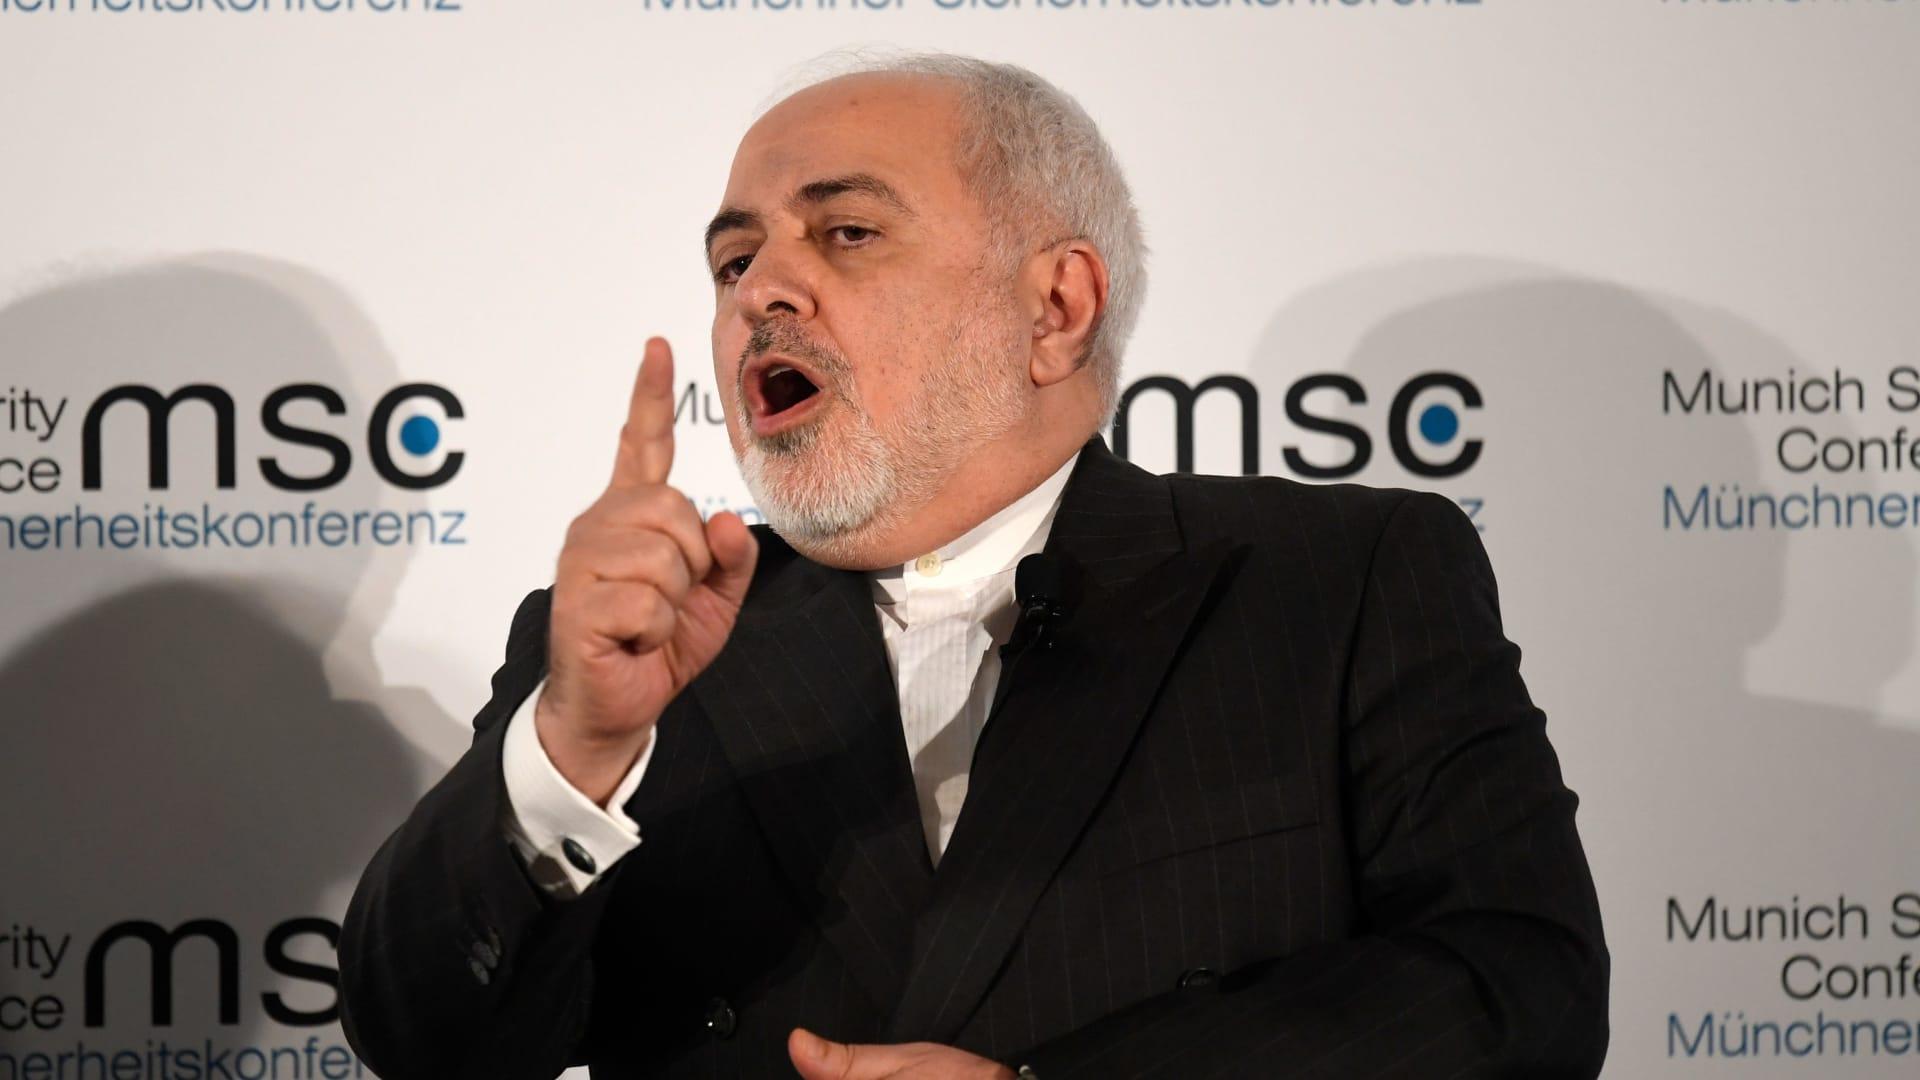 مقارنة بين سياسة ترامب وبايدن تجاه السعودية وإيران.. فأين تكمن الاختلافات؟